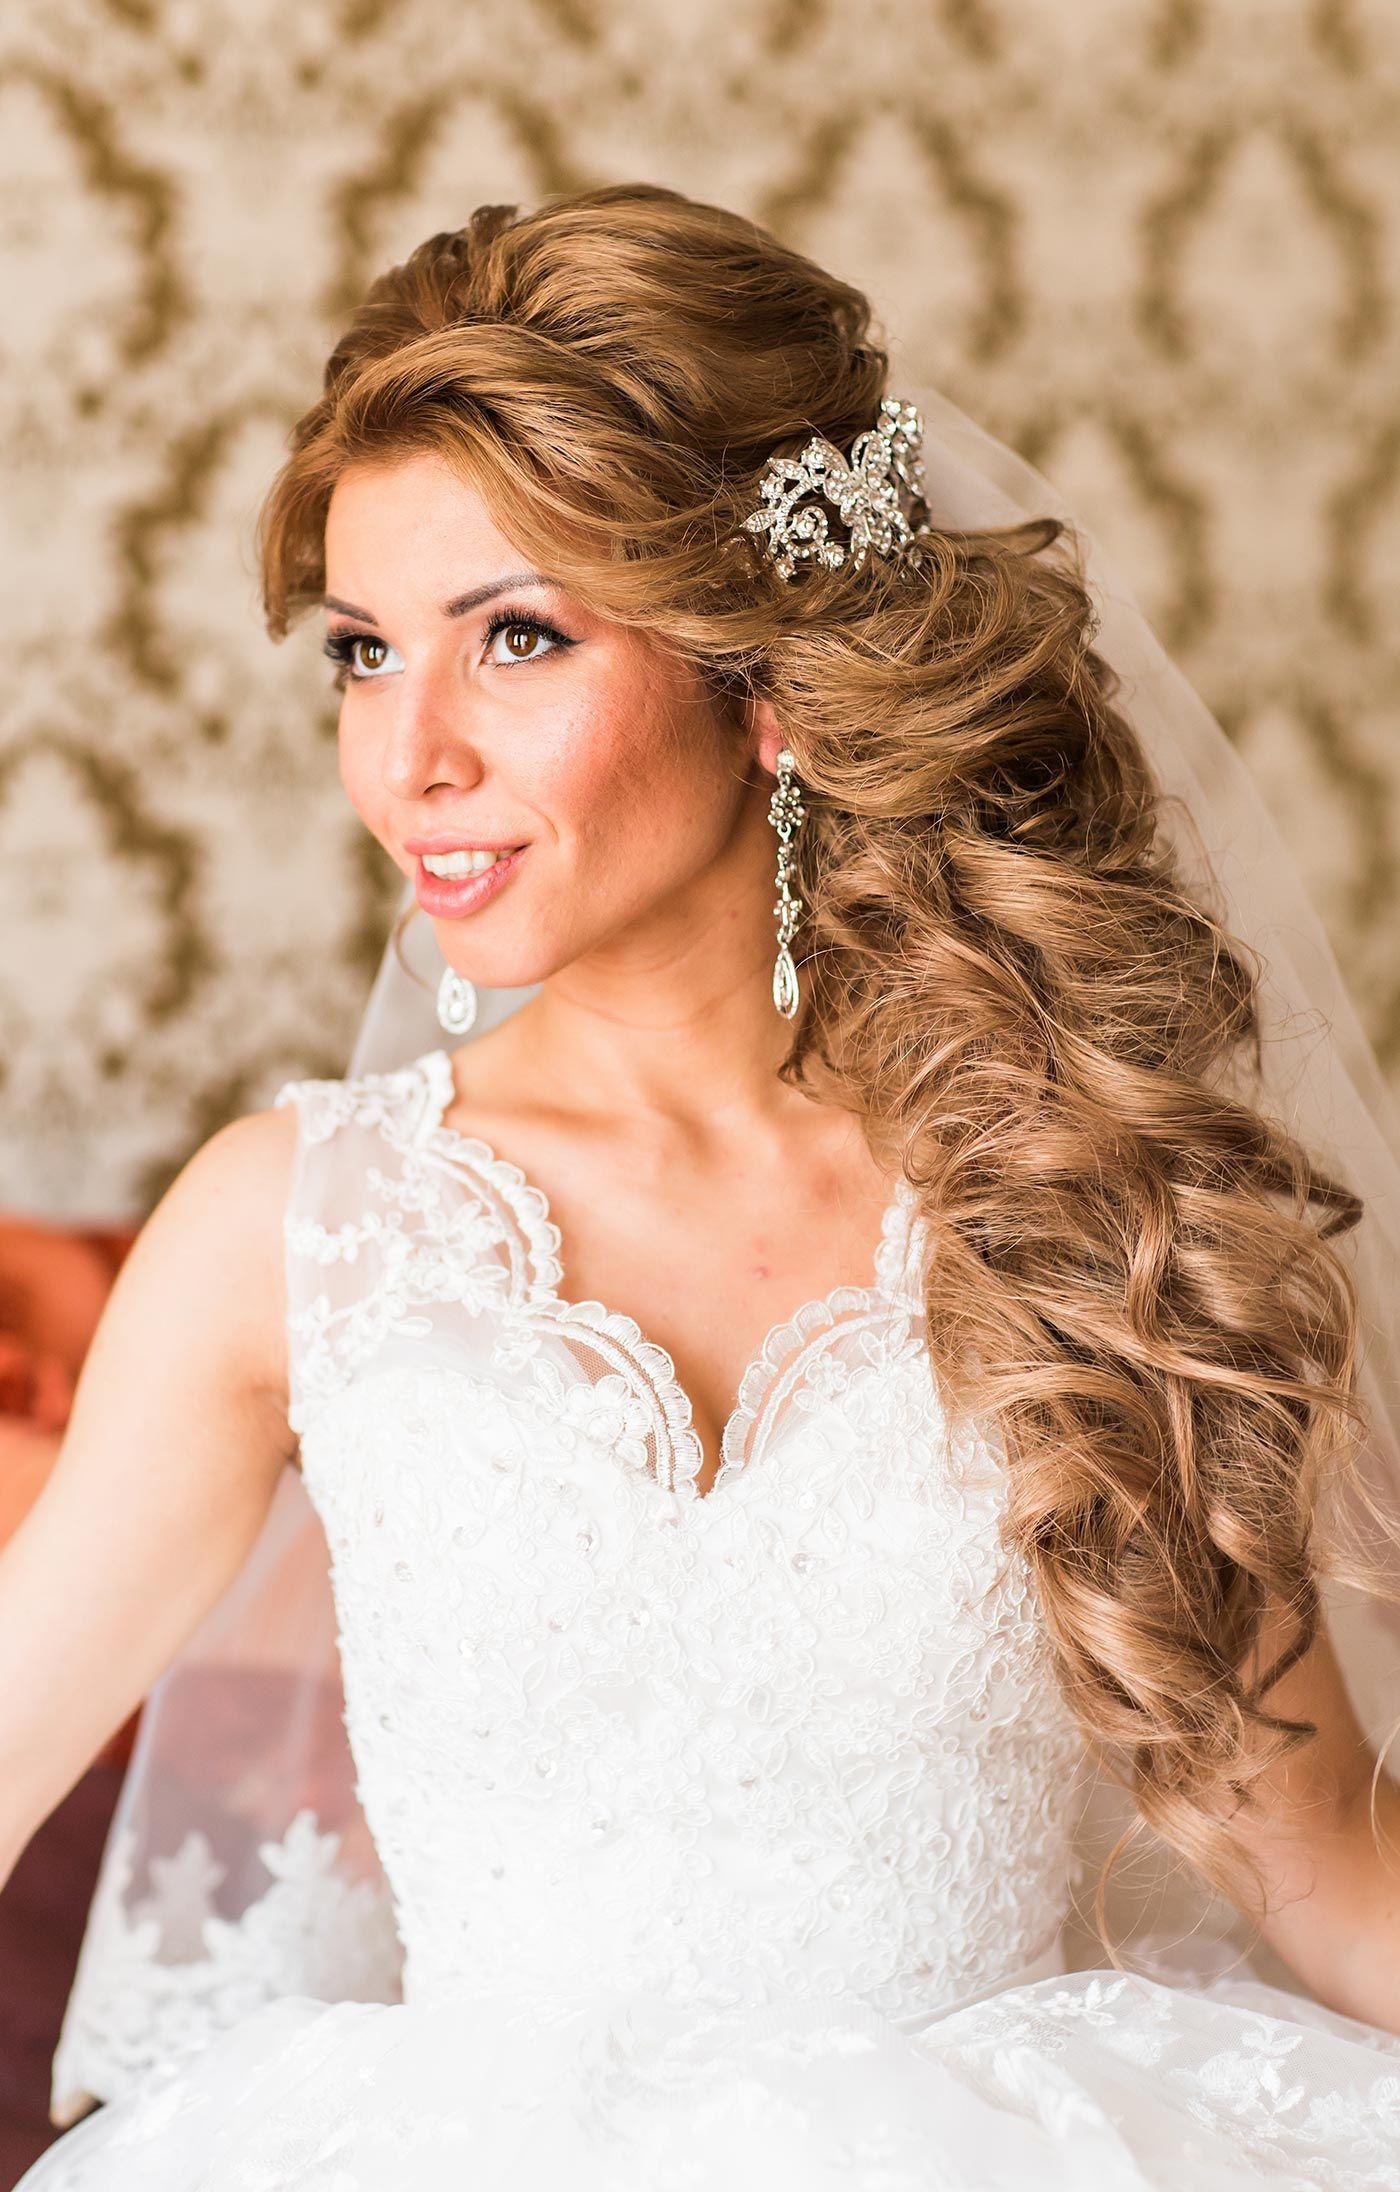 Brautfrisuren Ohne Schleier Traumhafte Hochzeitsfrisuren Nivea